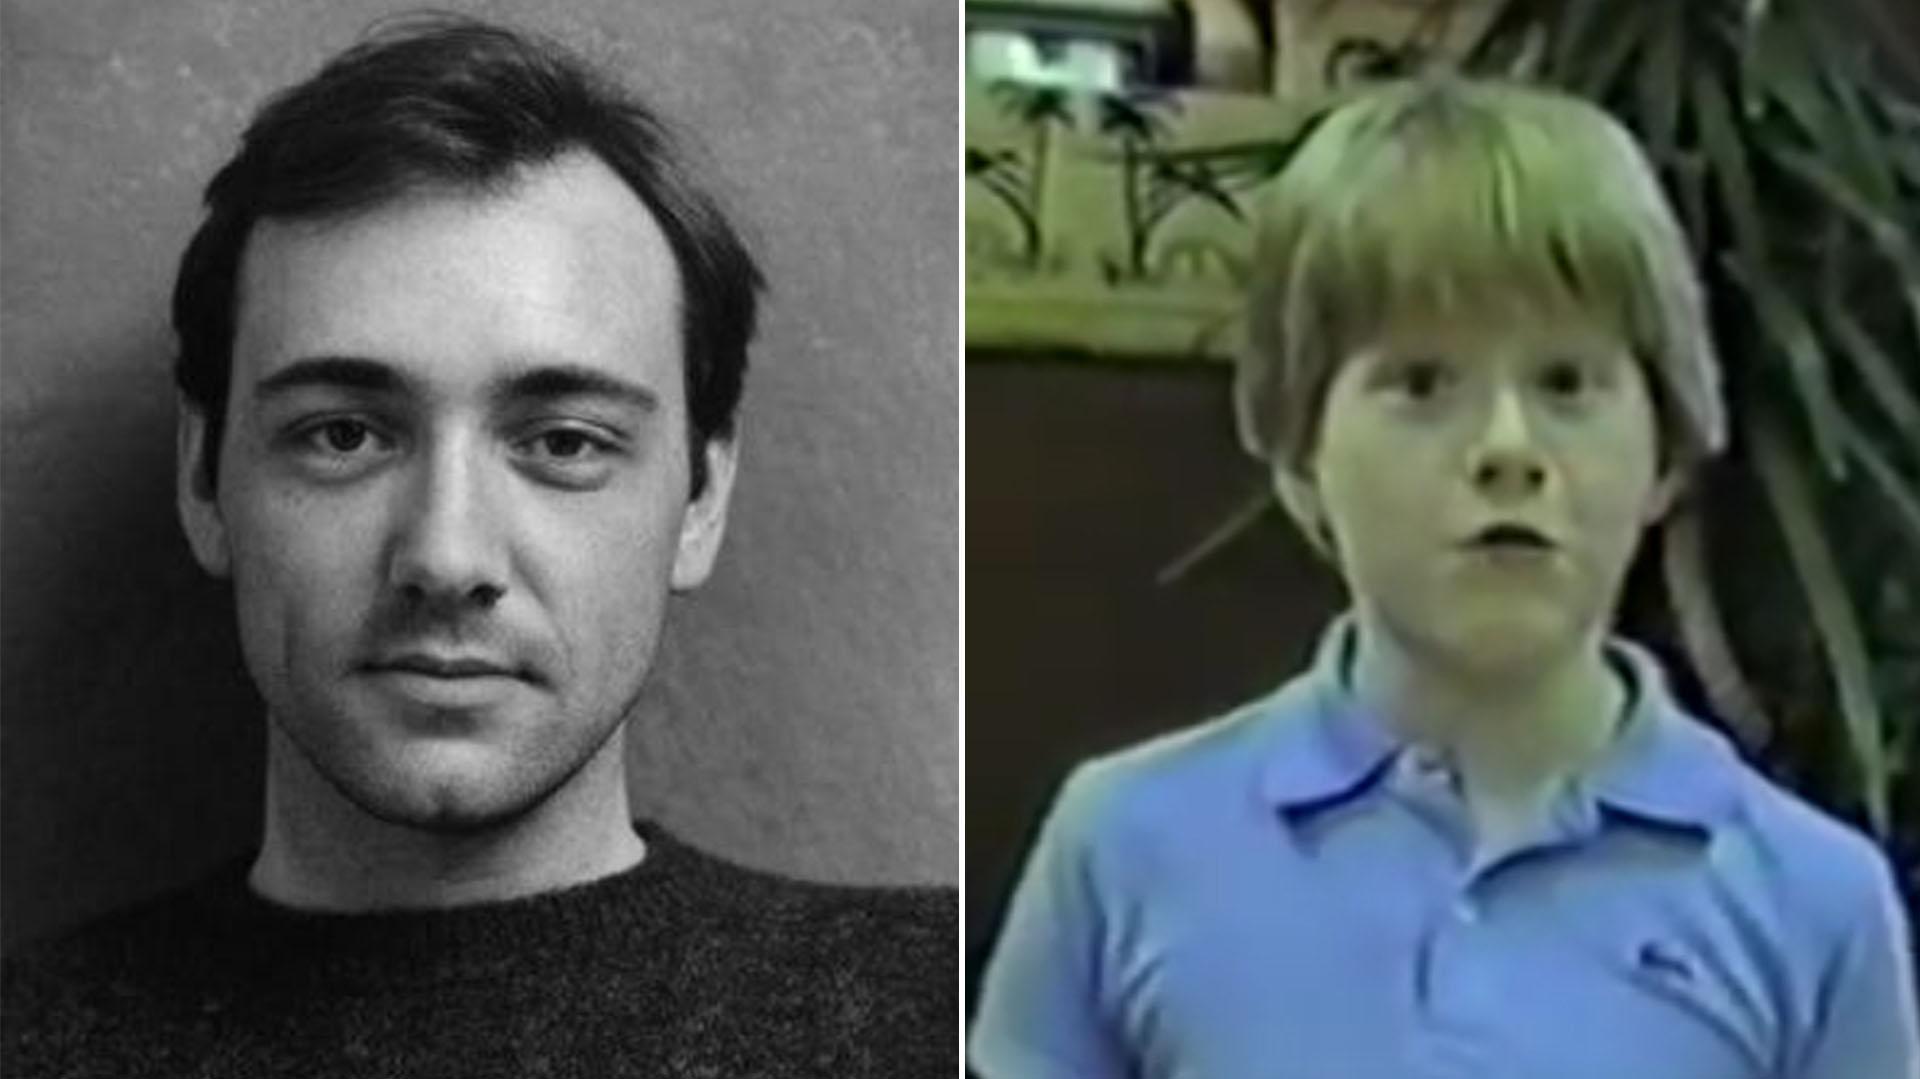 Spacey fue acusado en octubre del pasado año por su compañero de profesión Anthony Rapp de un caso de acoso sexual en 1986, cuando la supuesta víctima tenía 14 años y Spacey 26